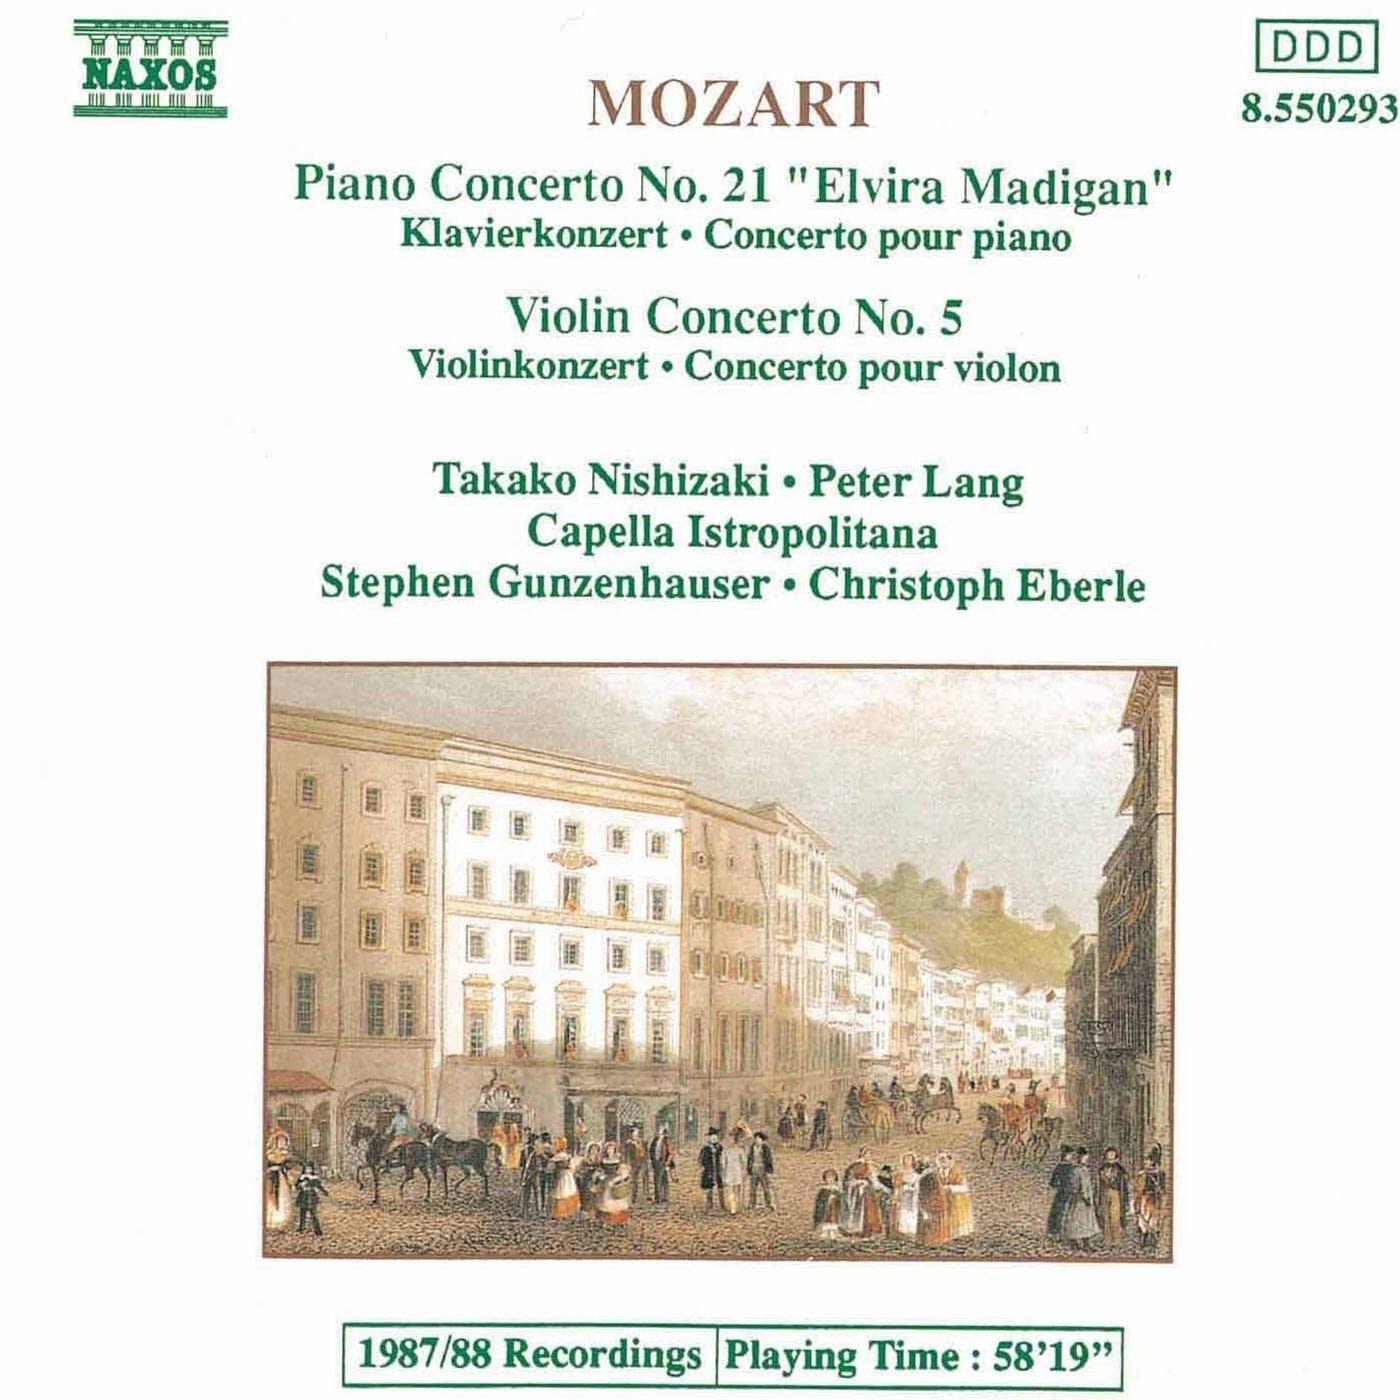 Wolfgang Amadeus Mozart - Violin Concerto No. 5: II. Adagio